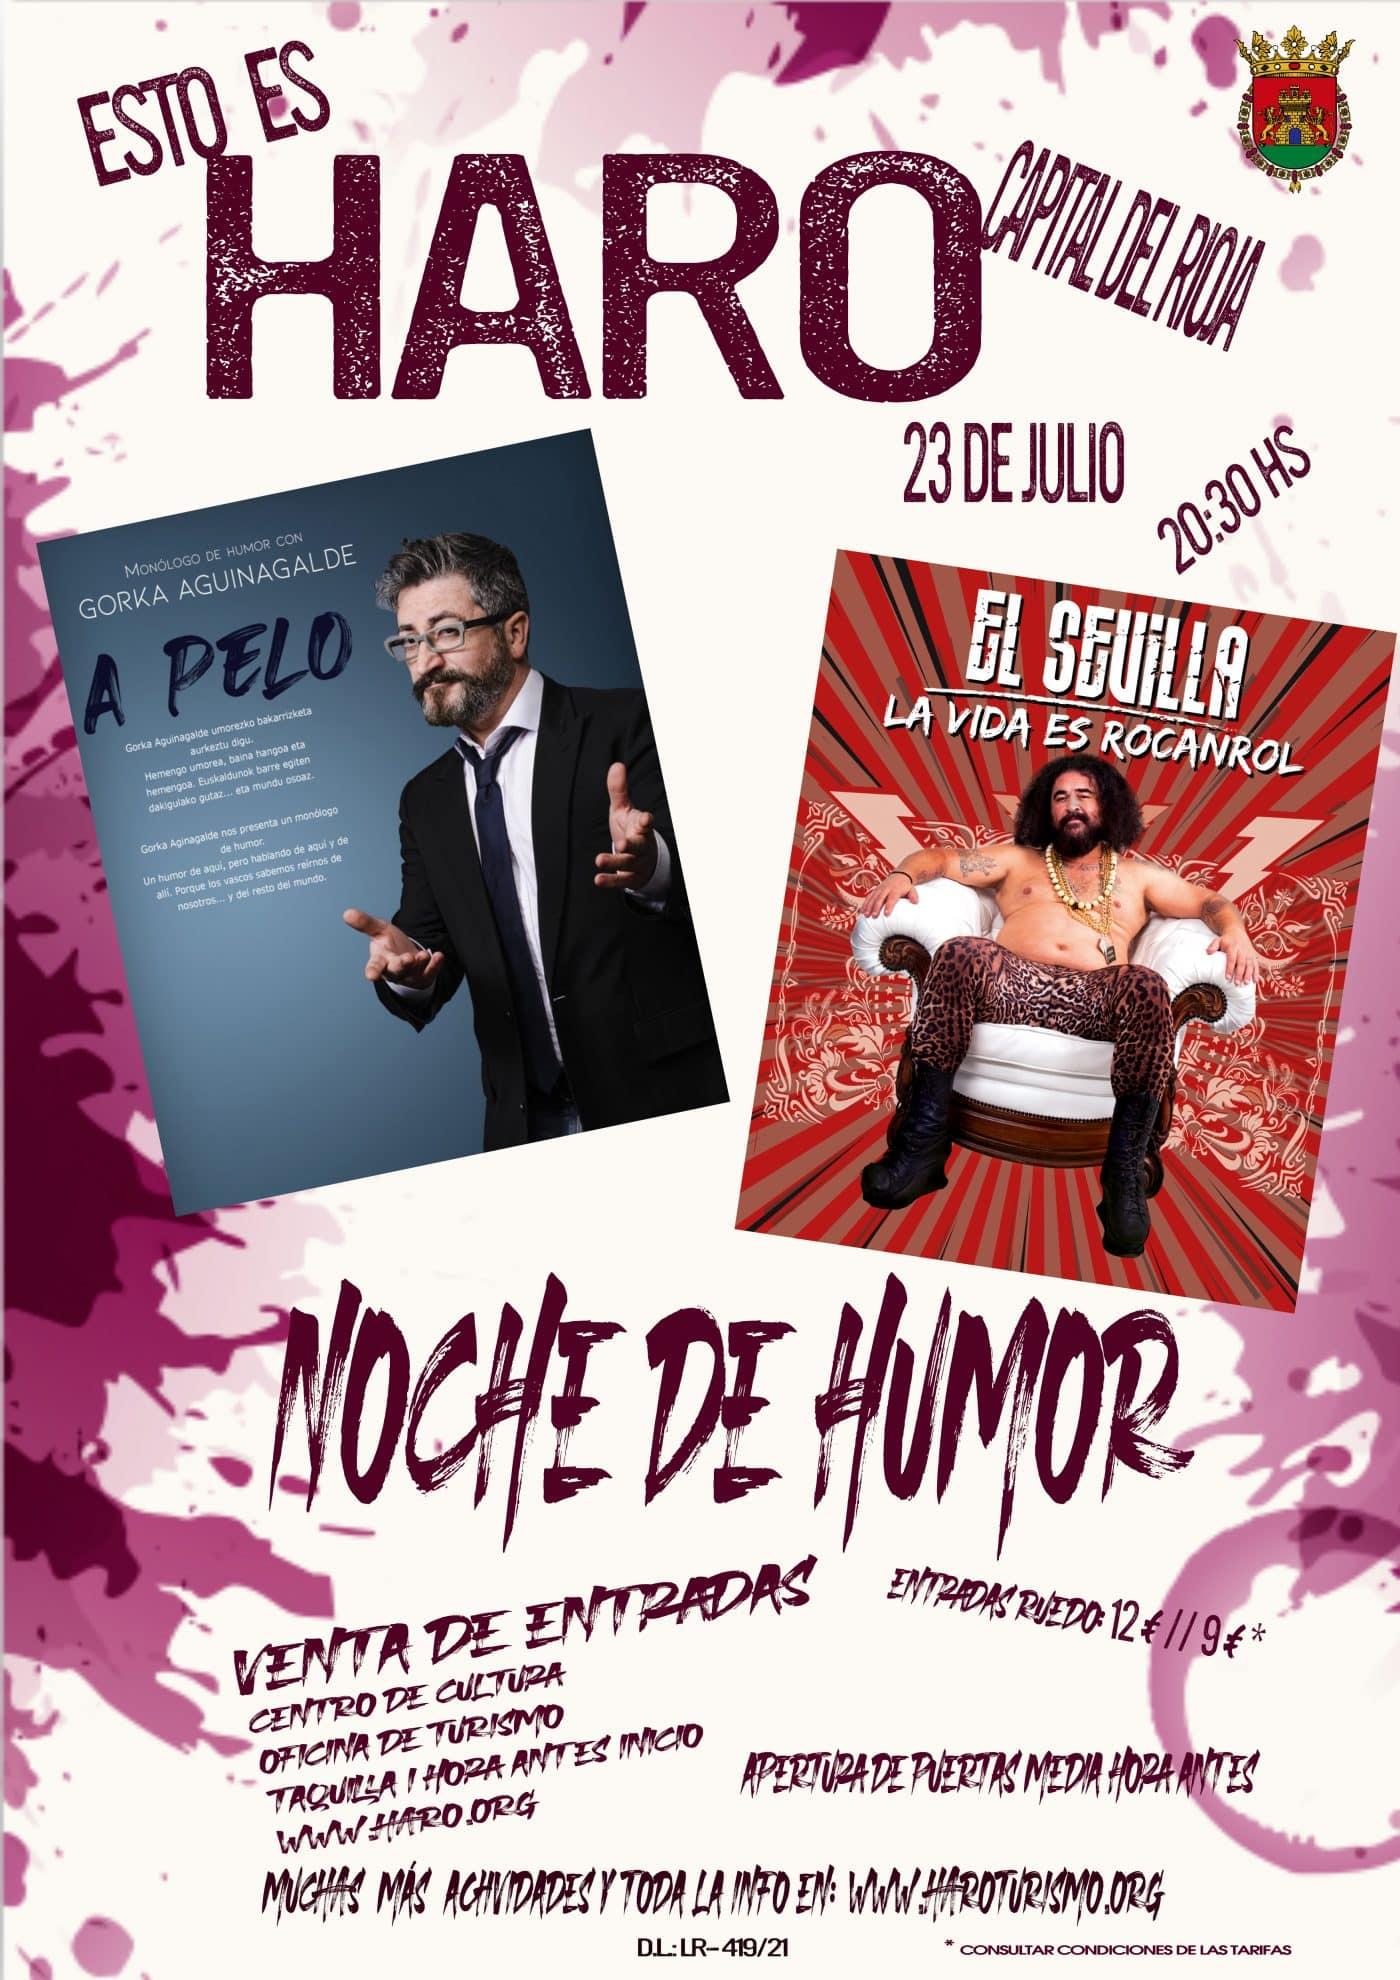 El Sevilla llega a Haro con 'La Vida es Rocanrol' 2